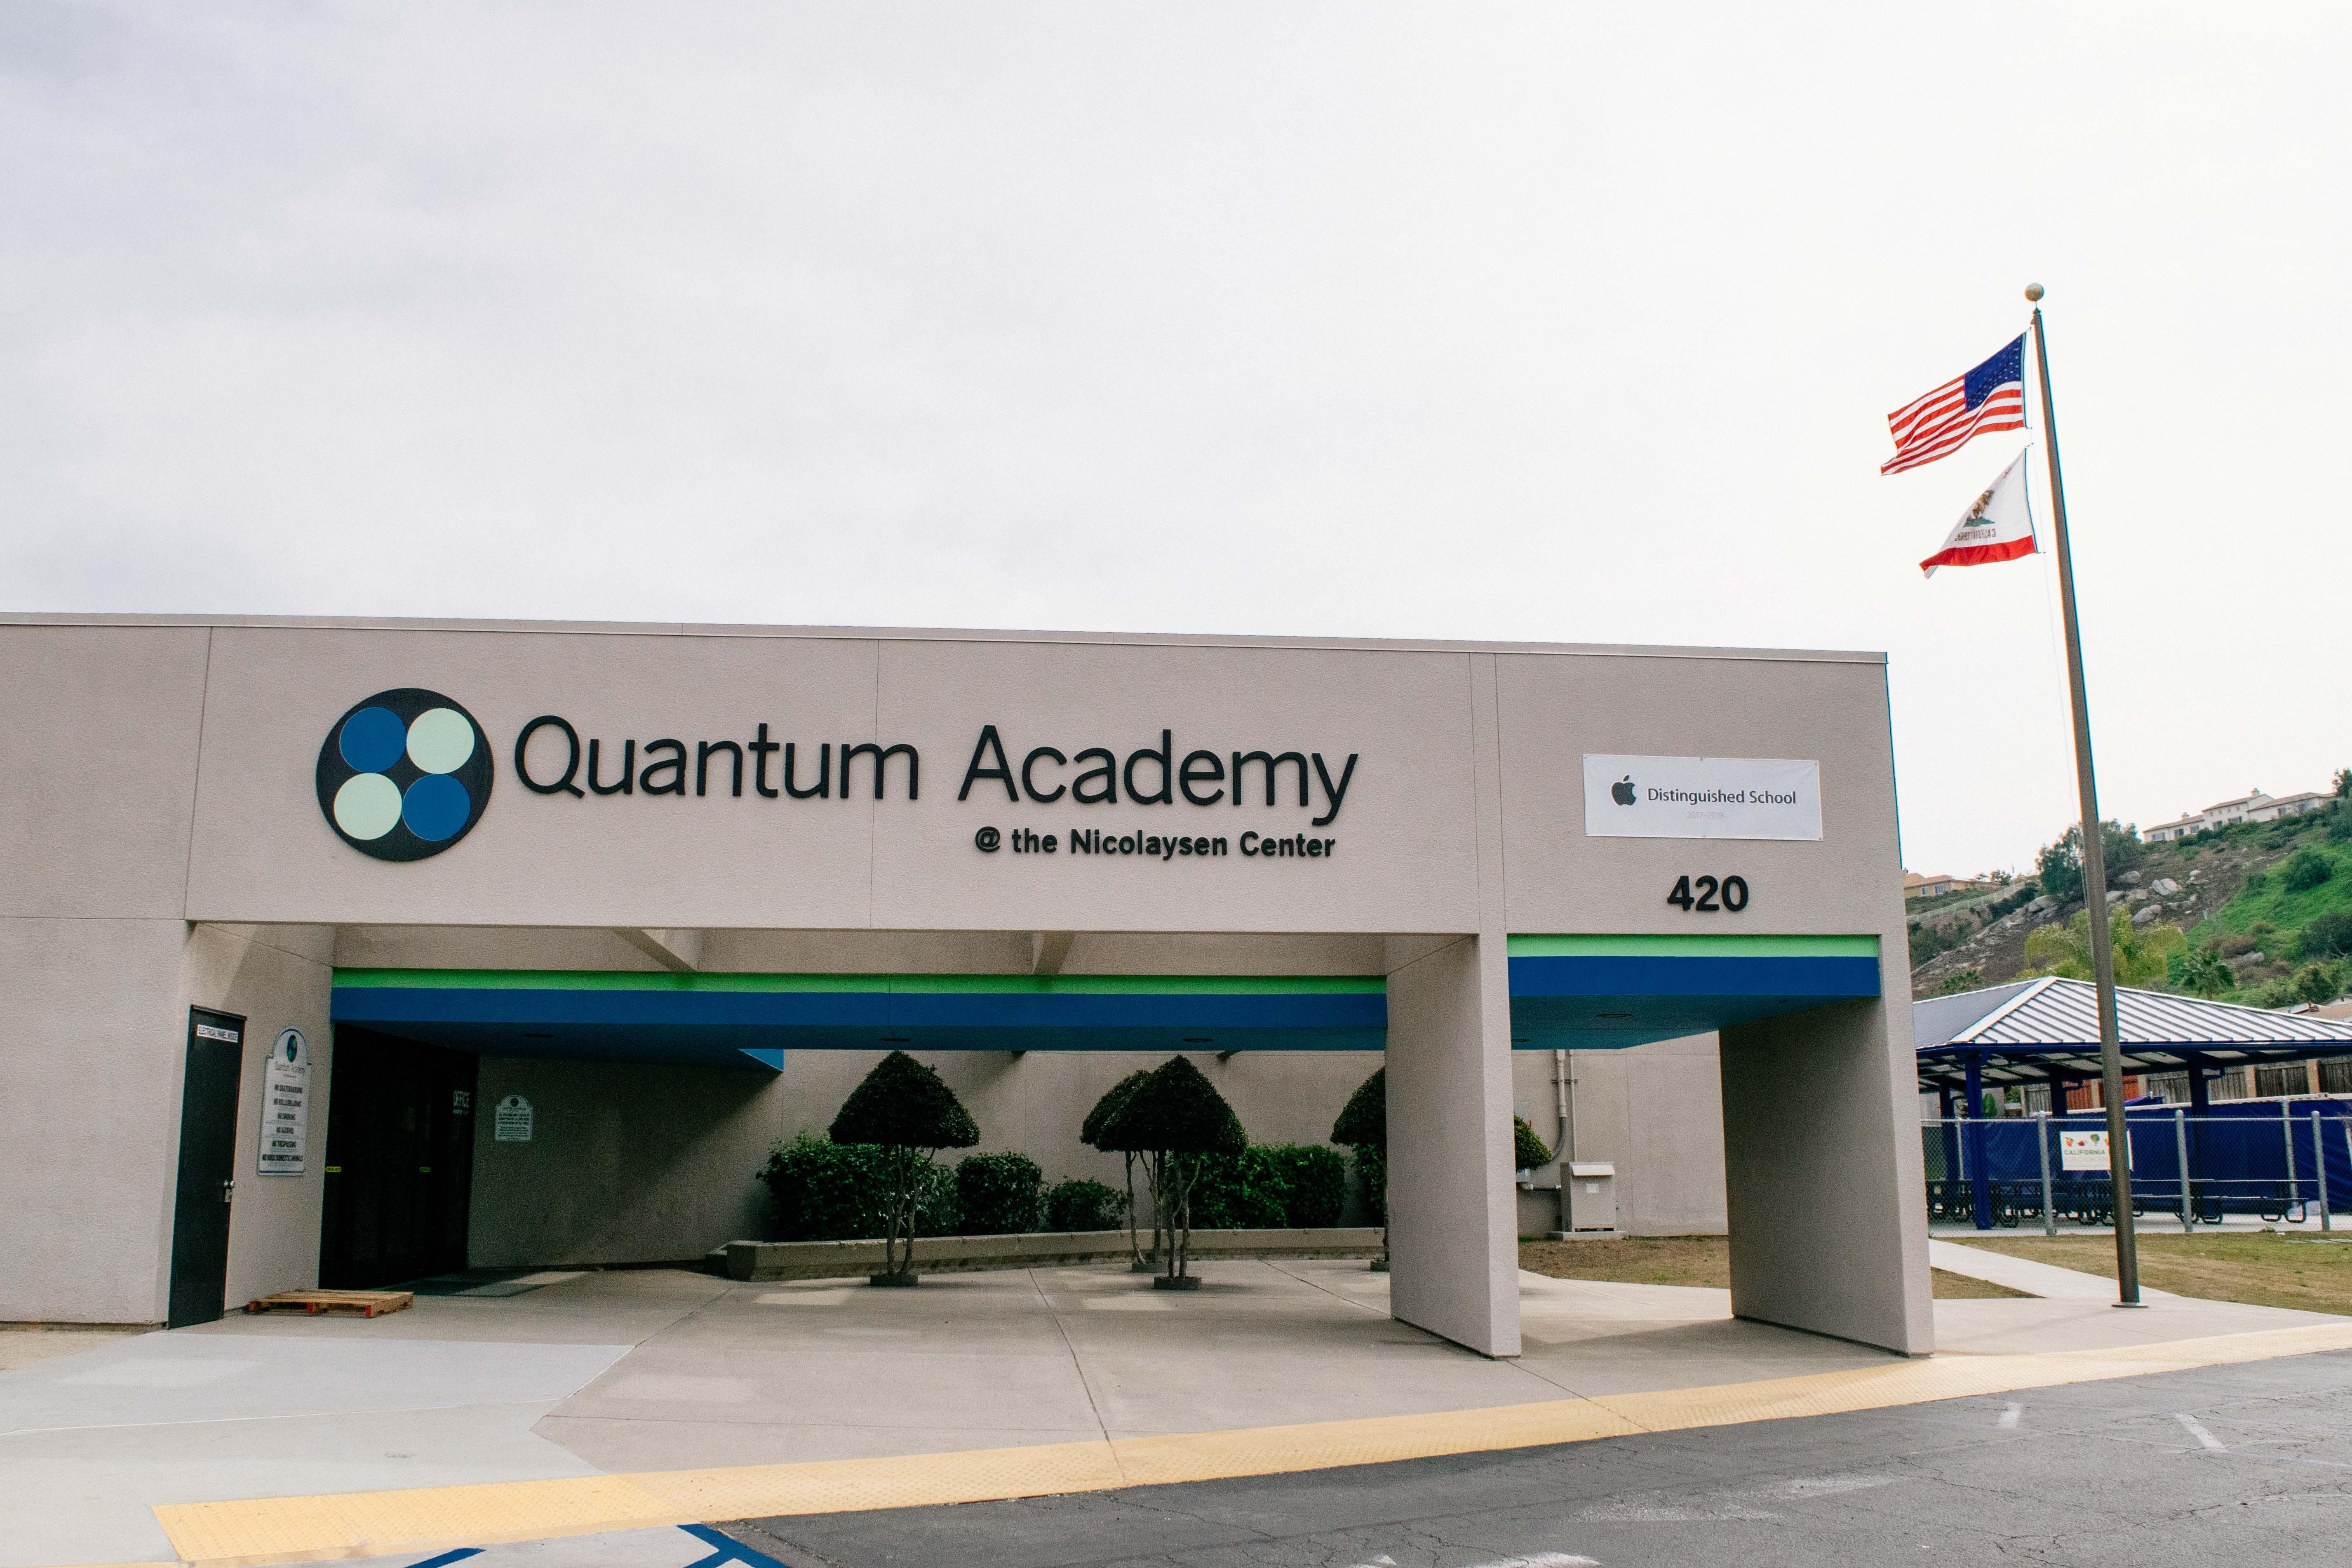 Quantum Academy